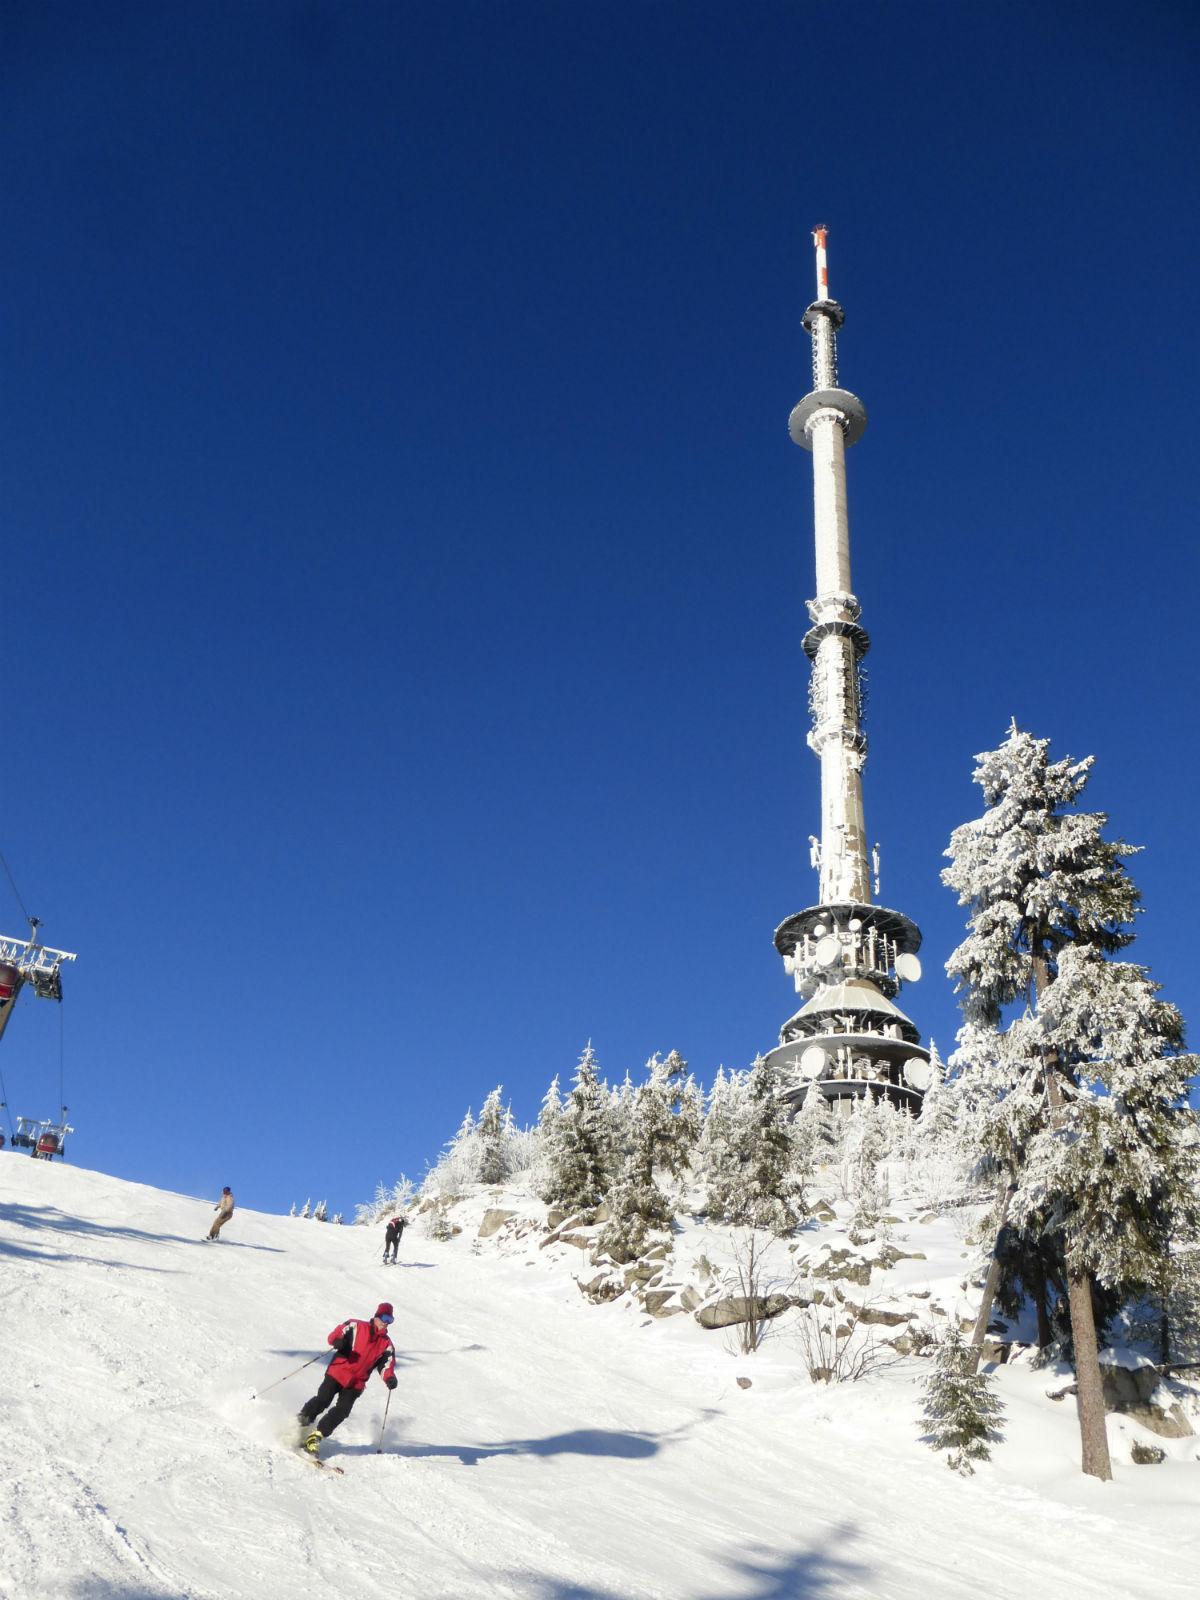 Fichtelgebirge-Wintersport-Skifahren-Abfahrt-Ochsenkopf